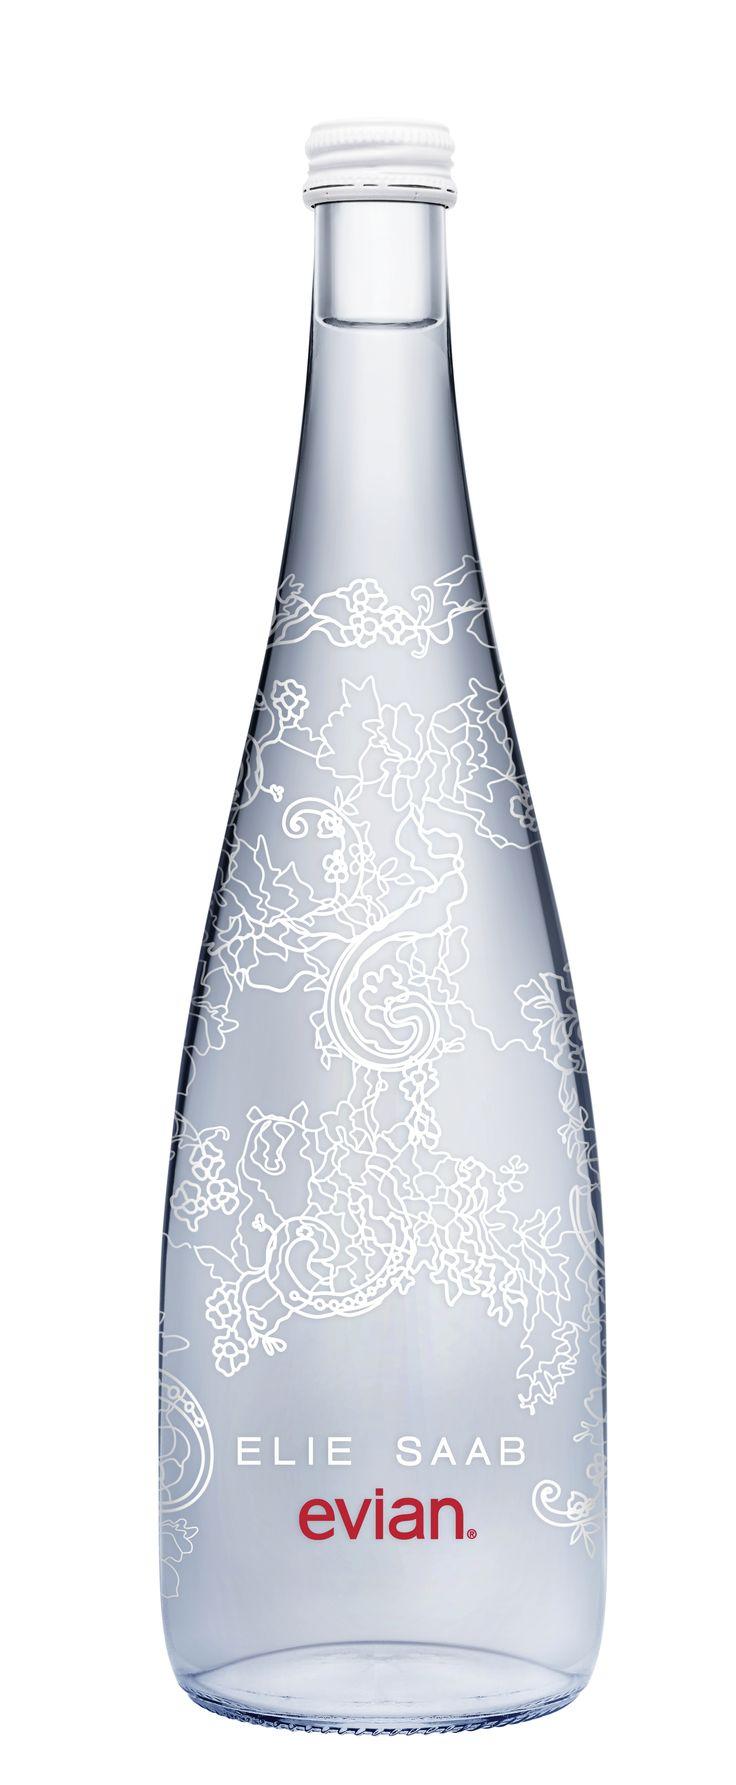 Elie-Saab_evian_limited-edition-bottle_01.png (2159×5237)